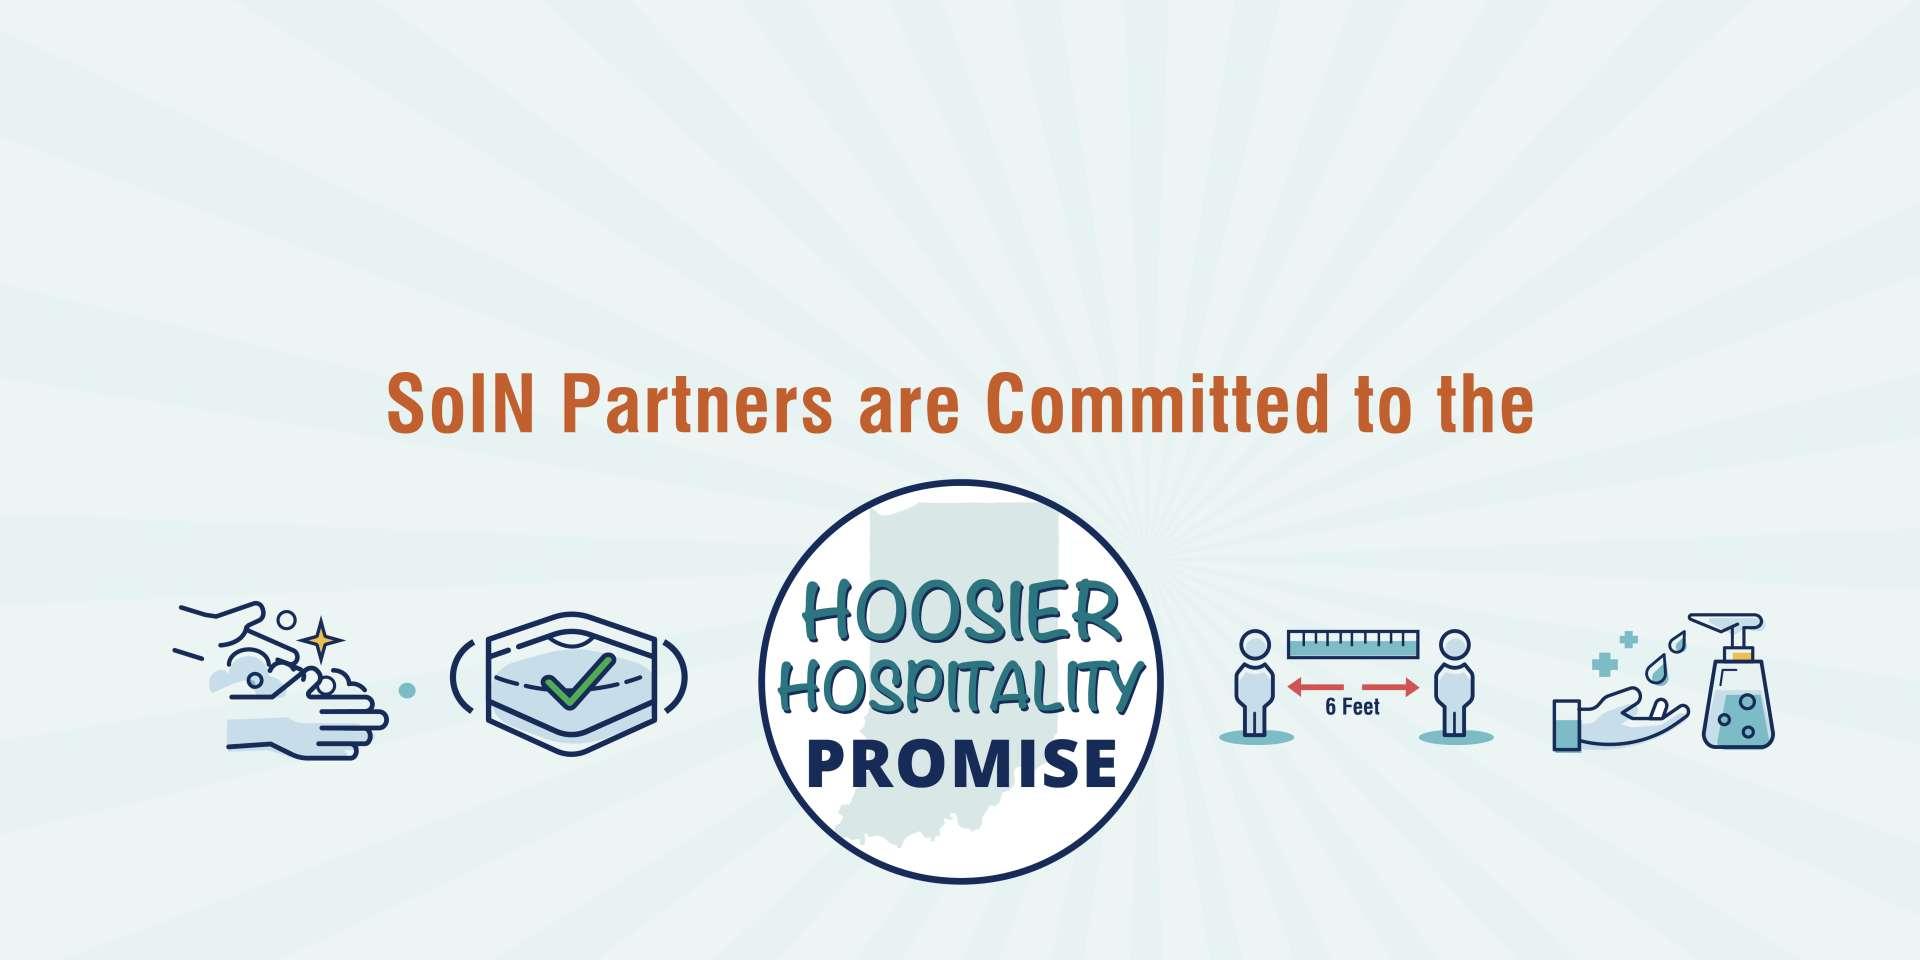 Hoosier Hospitality Promise v 2